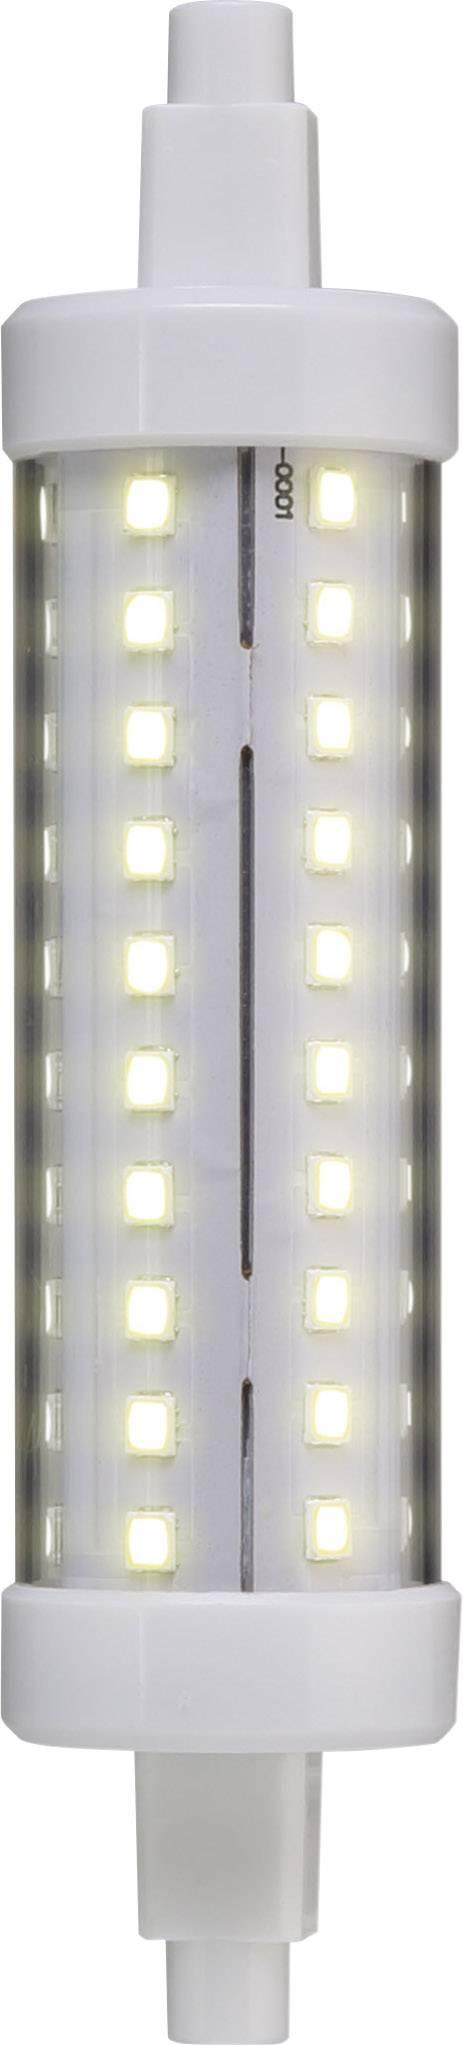 LED žiarovka Sygonix 9283c134 230 V, 7 W = 60 W, teplá biela, A+, 1 ks